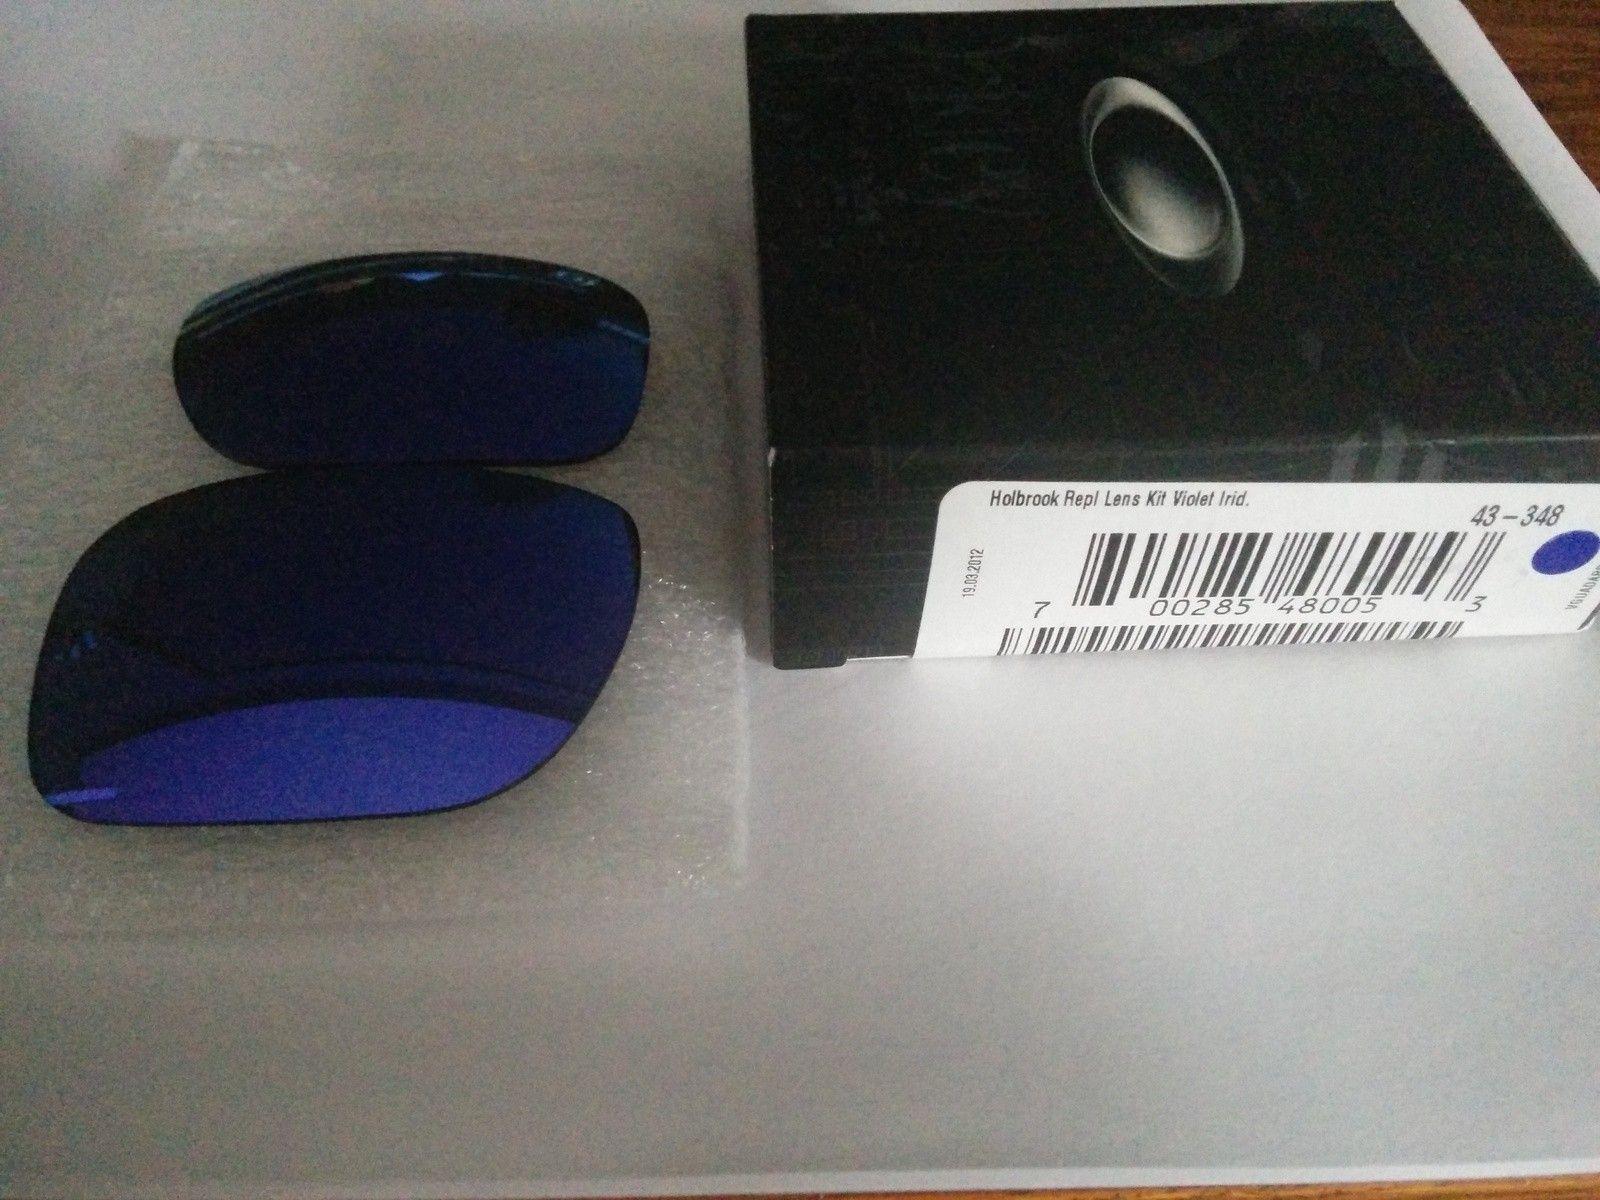 Holbrook lenses Violet Iridium $45 - uploadfromtaptalk1427398634825.jpg